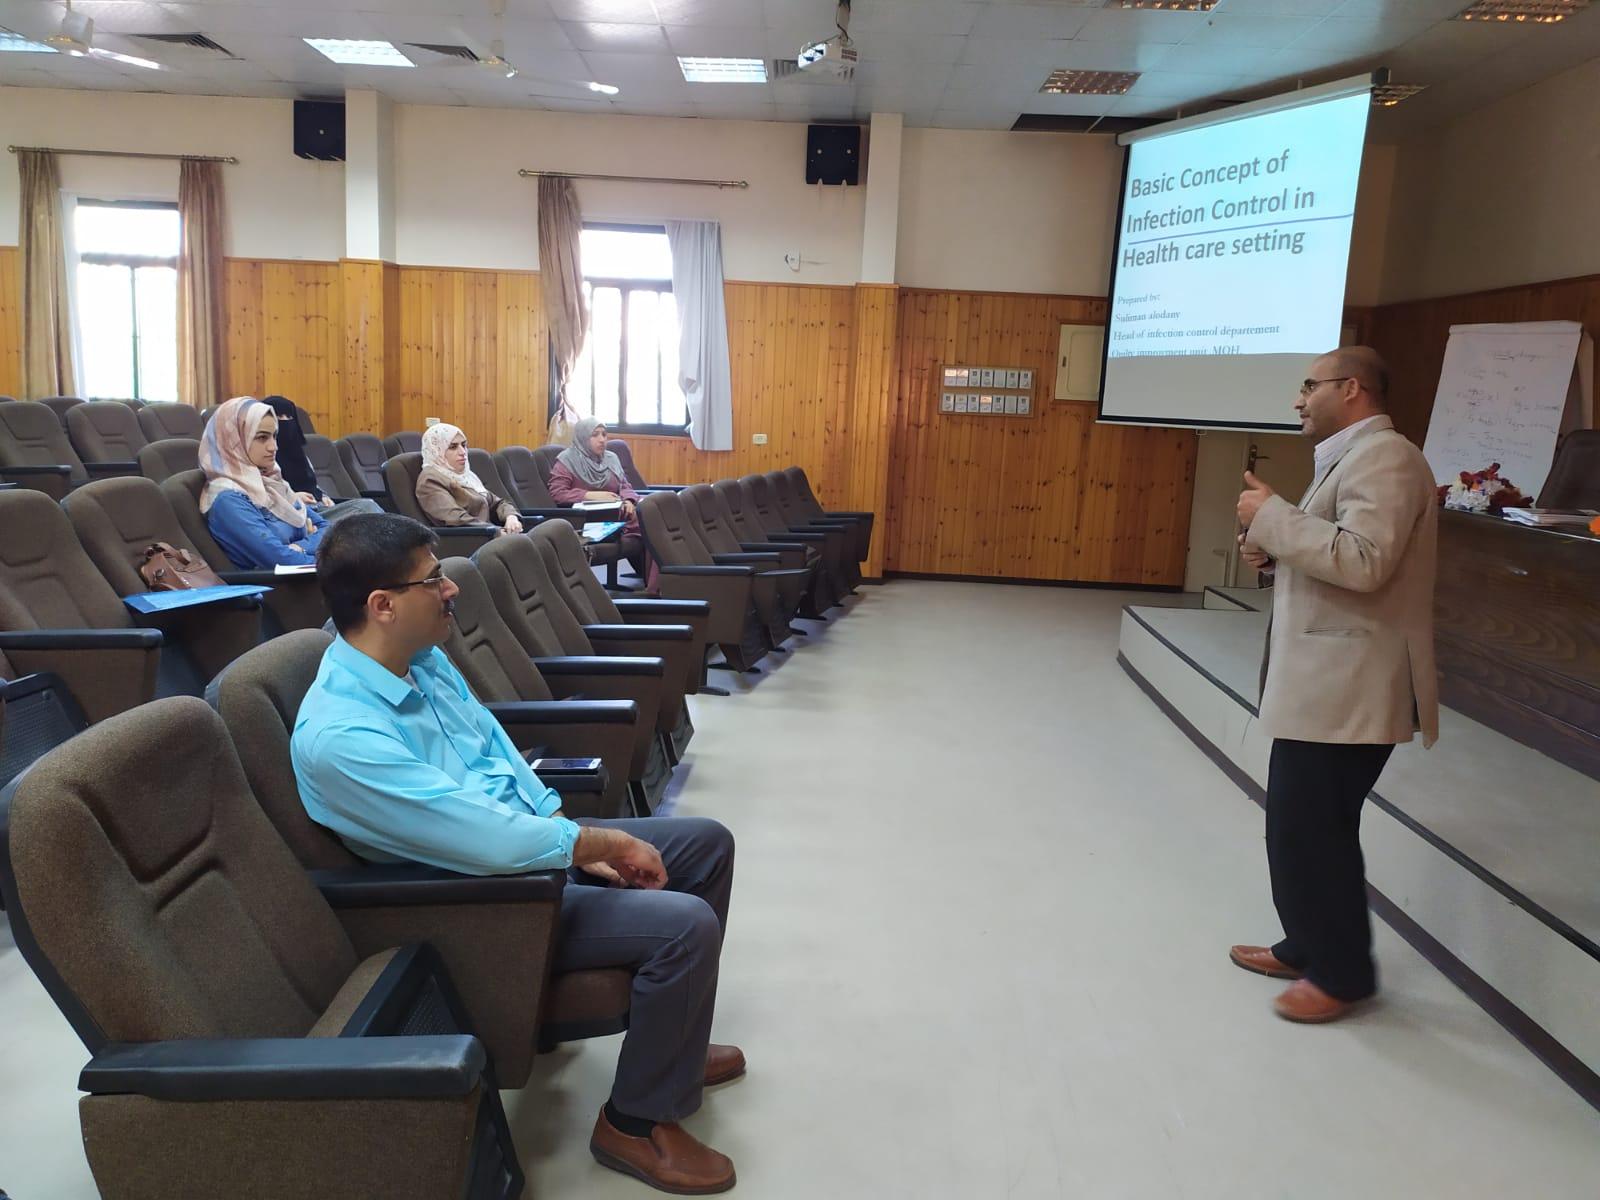 استكمالا للإجراءات الوقائية لمكافحة فيروس كورونا الإدارة العامة لتنمية القوى البشرية تواصل عقدها البرامج التدريبية